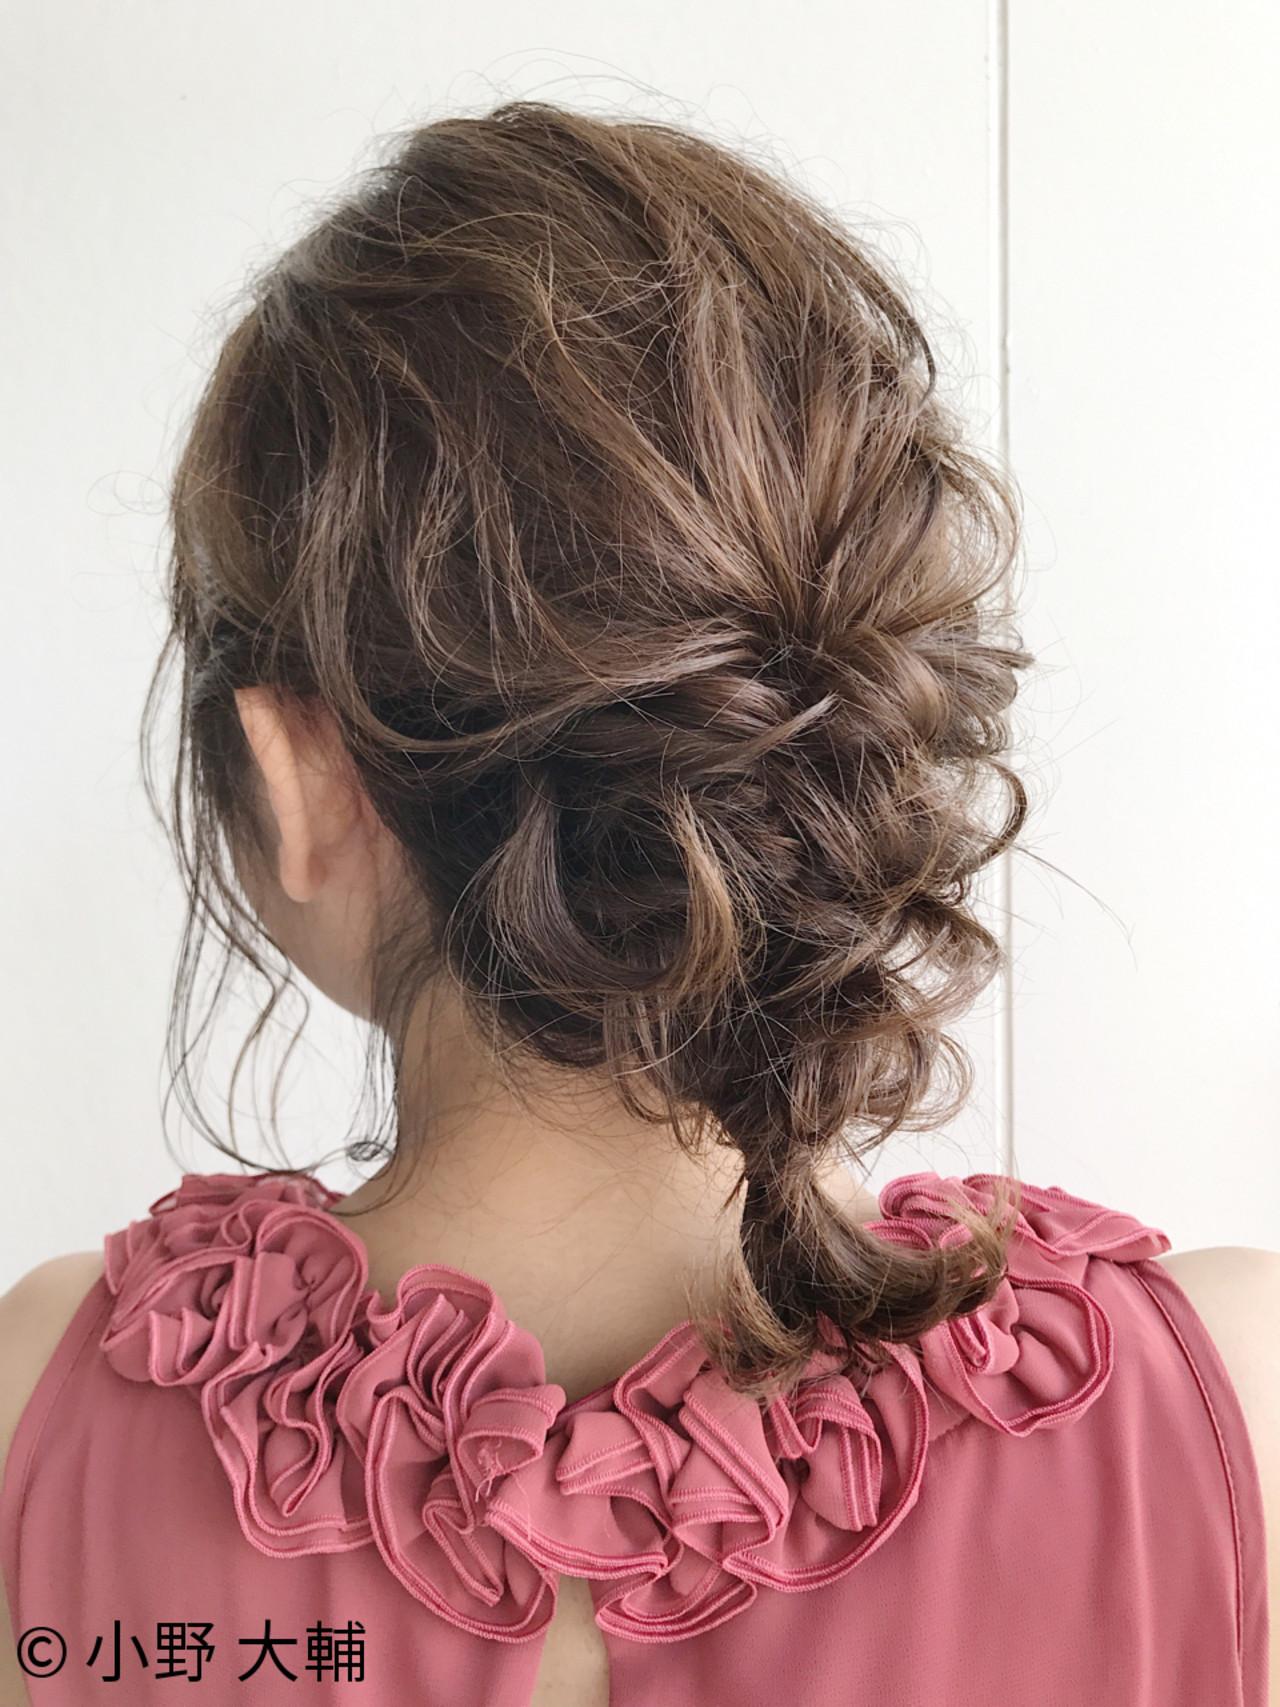 結婚式 ヘアアレンジ 編み込み ミディアム ヘアスタイルや髪型の写真・画像